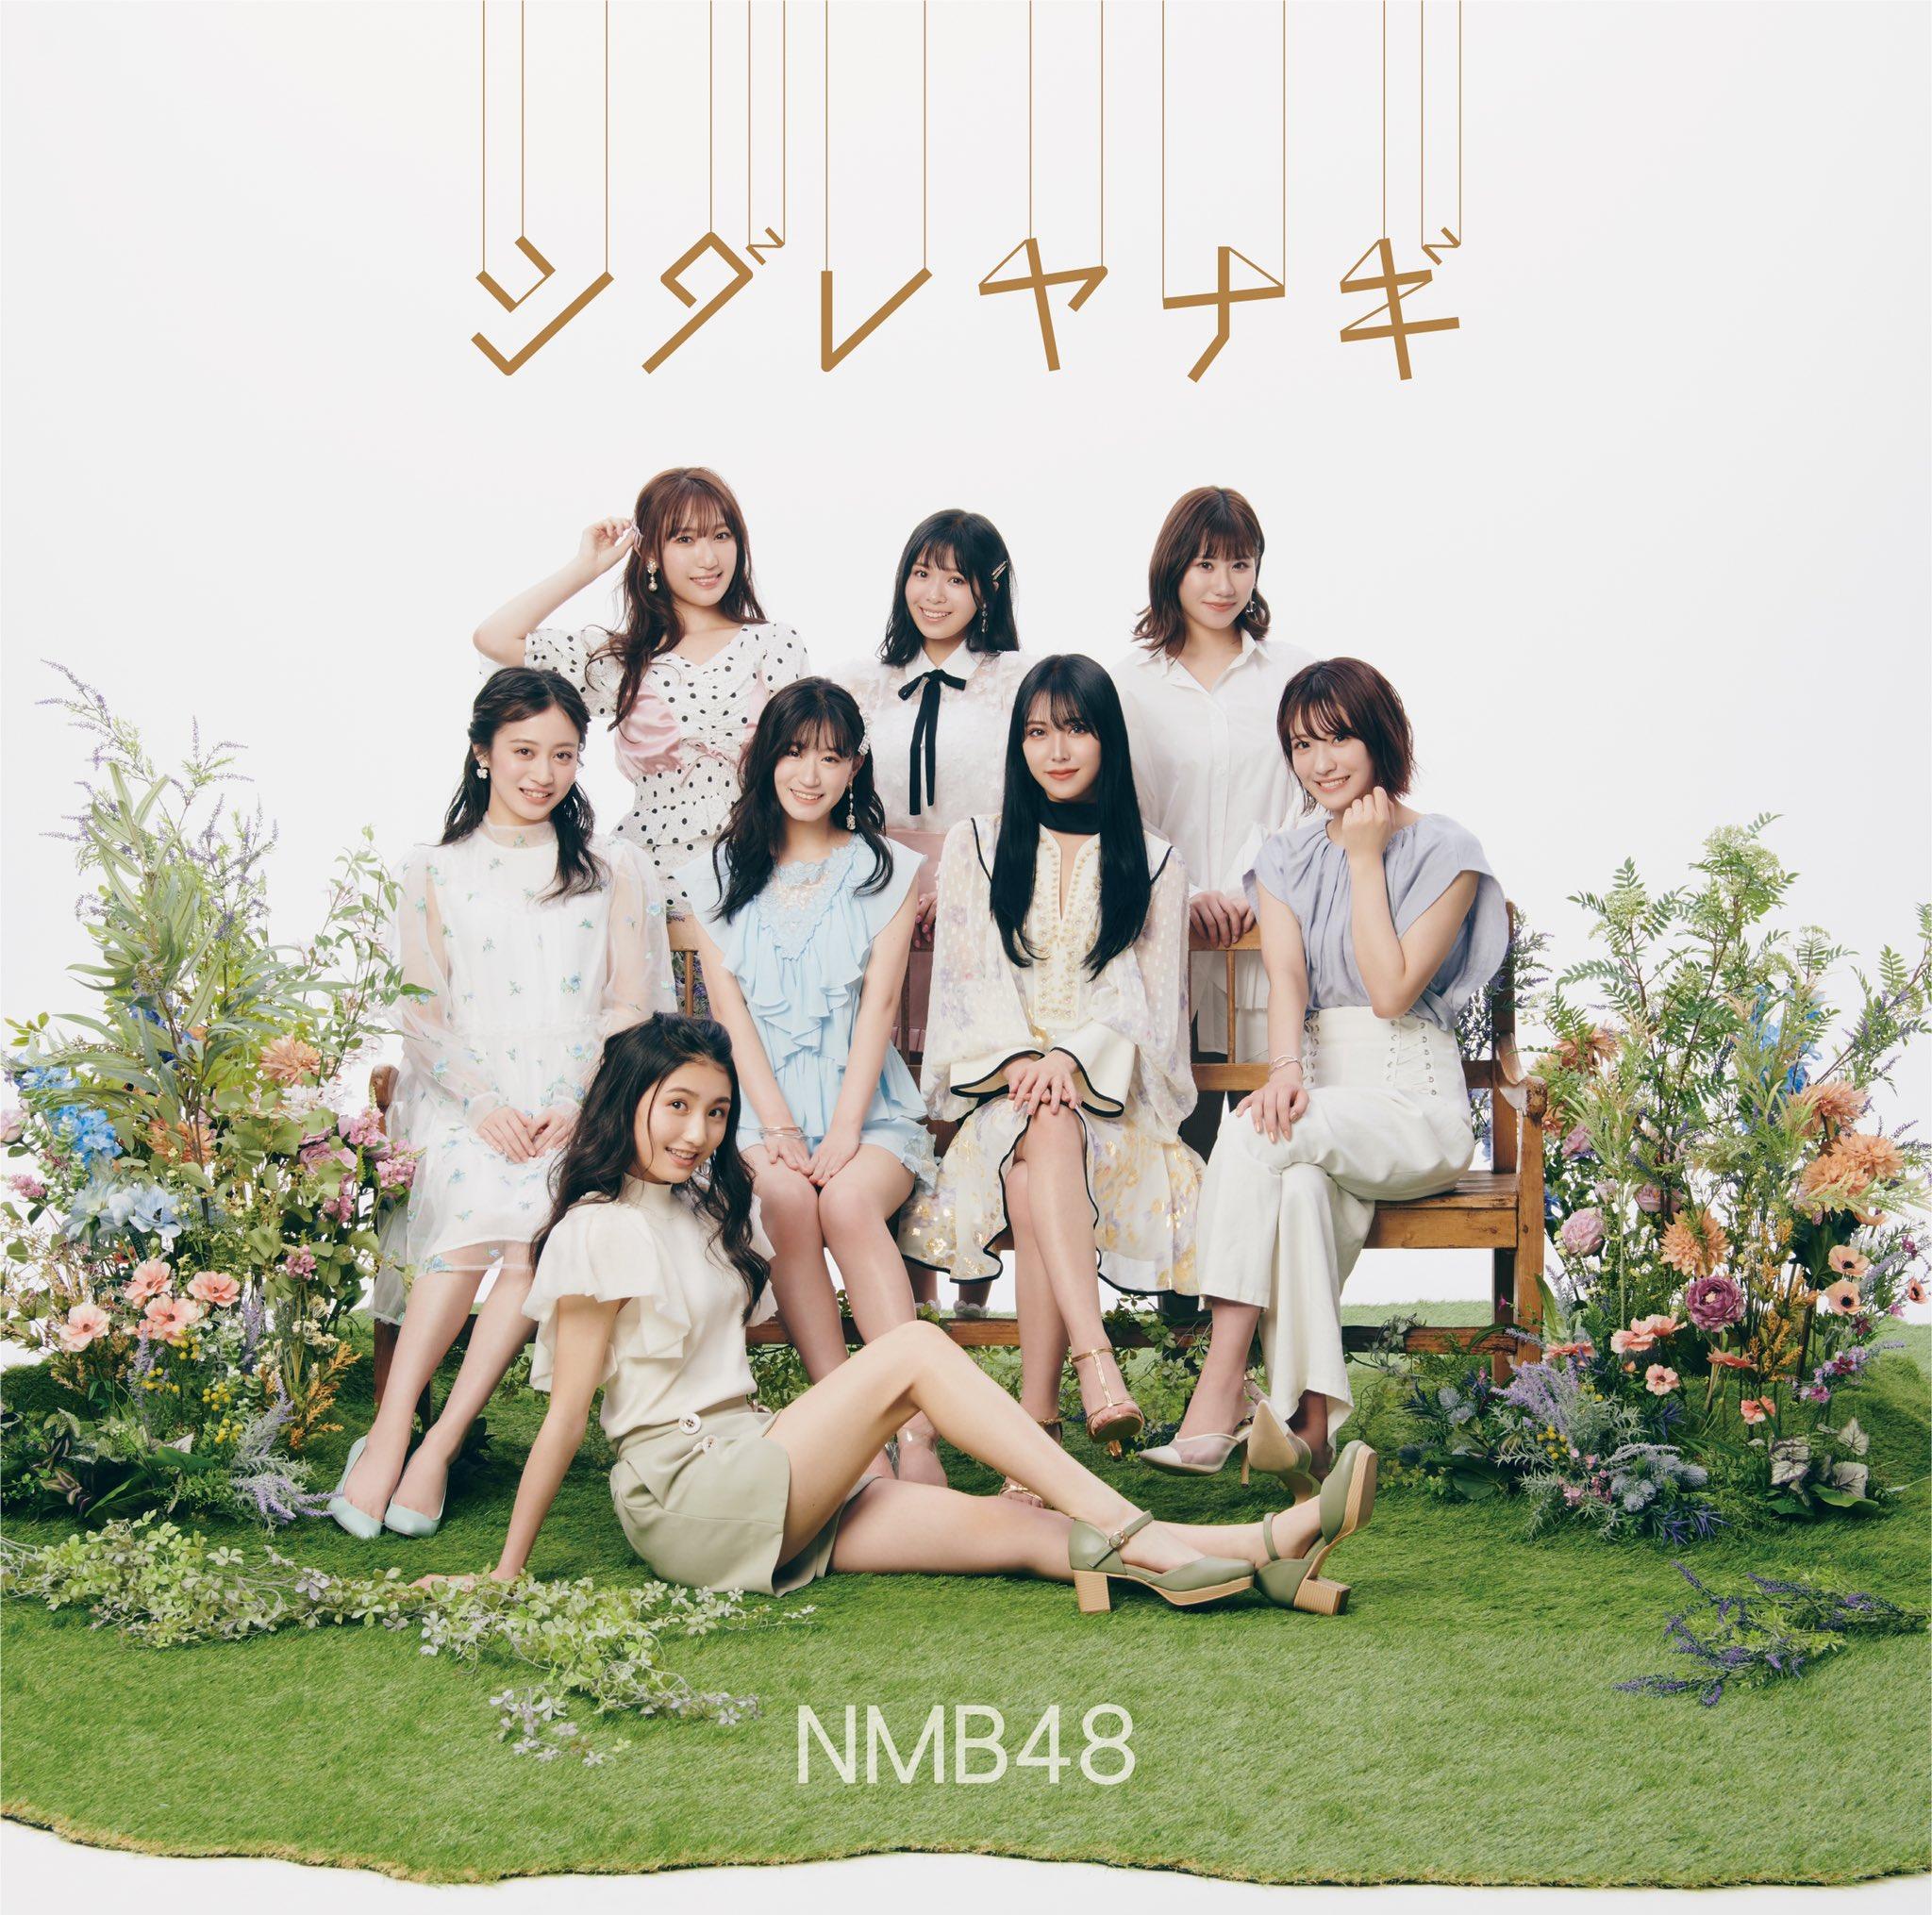 NMB48 - シダレヤナギ